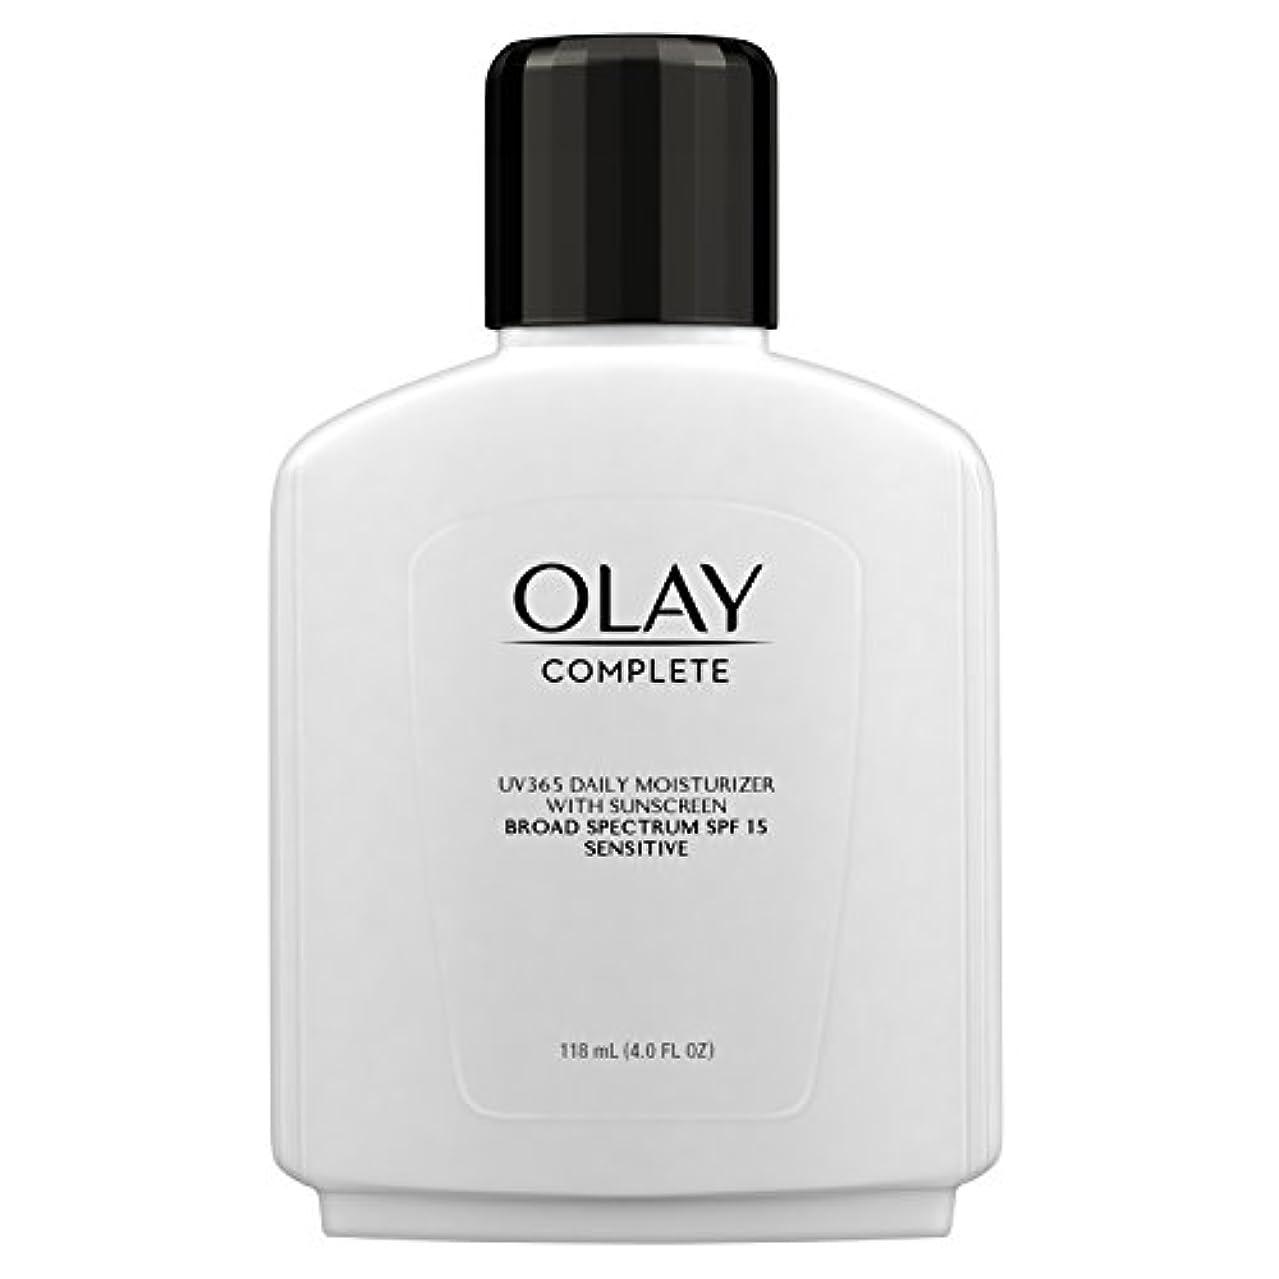 信頼性のあるベッド特殊Olay Complete All Day Moisture Lotion UV Defense SPF 15, Sensitive Skin, 4 fl oz (118 ml) (1 pack) (並行輸入品)